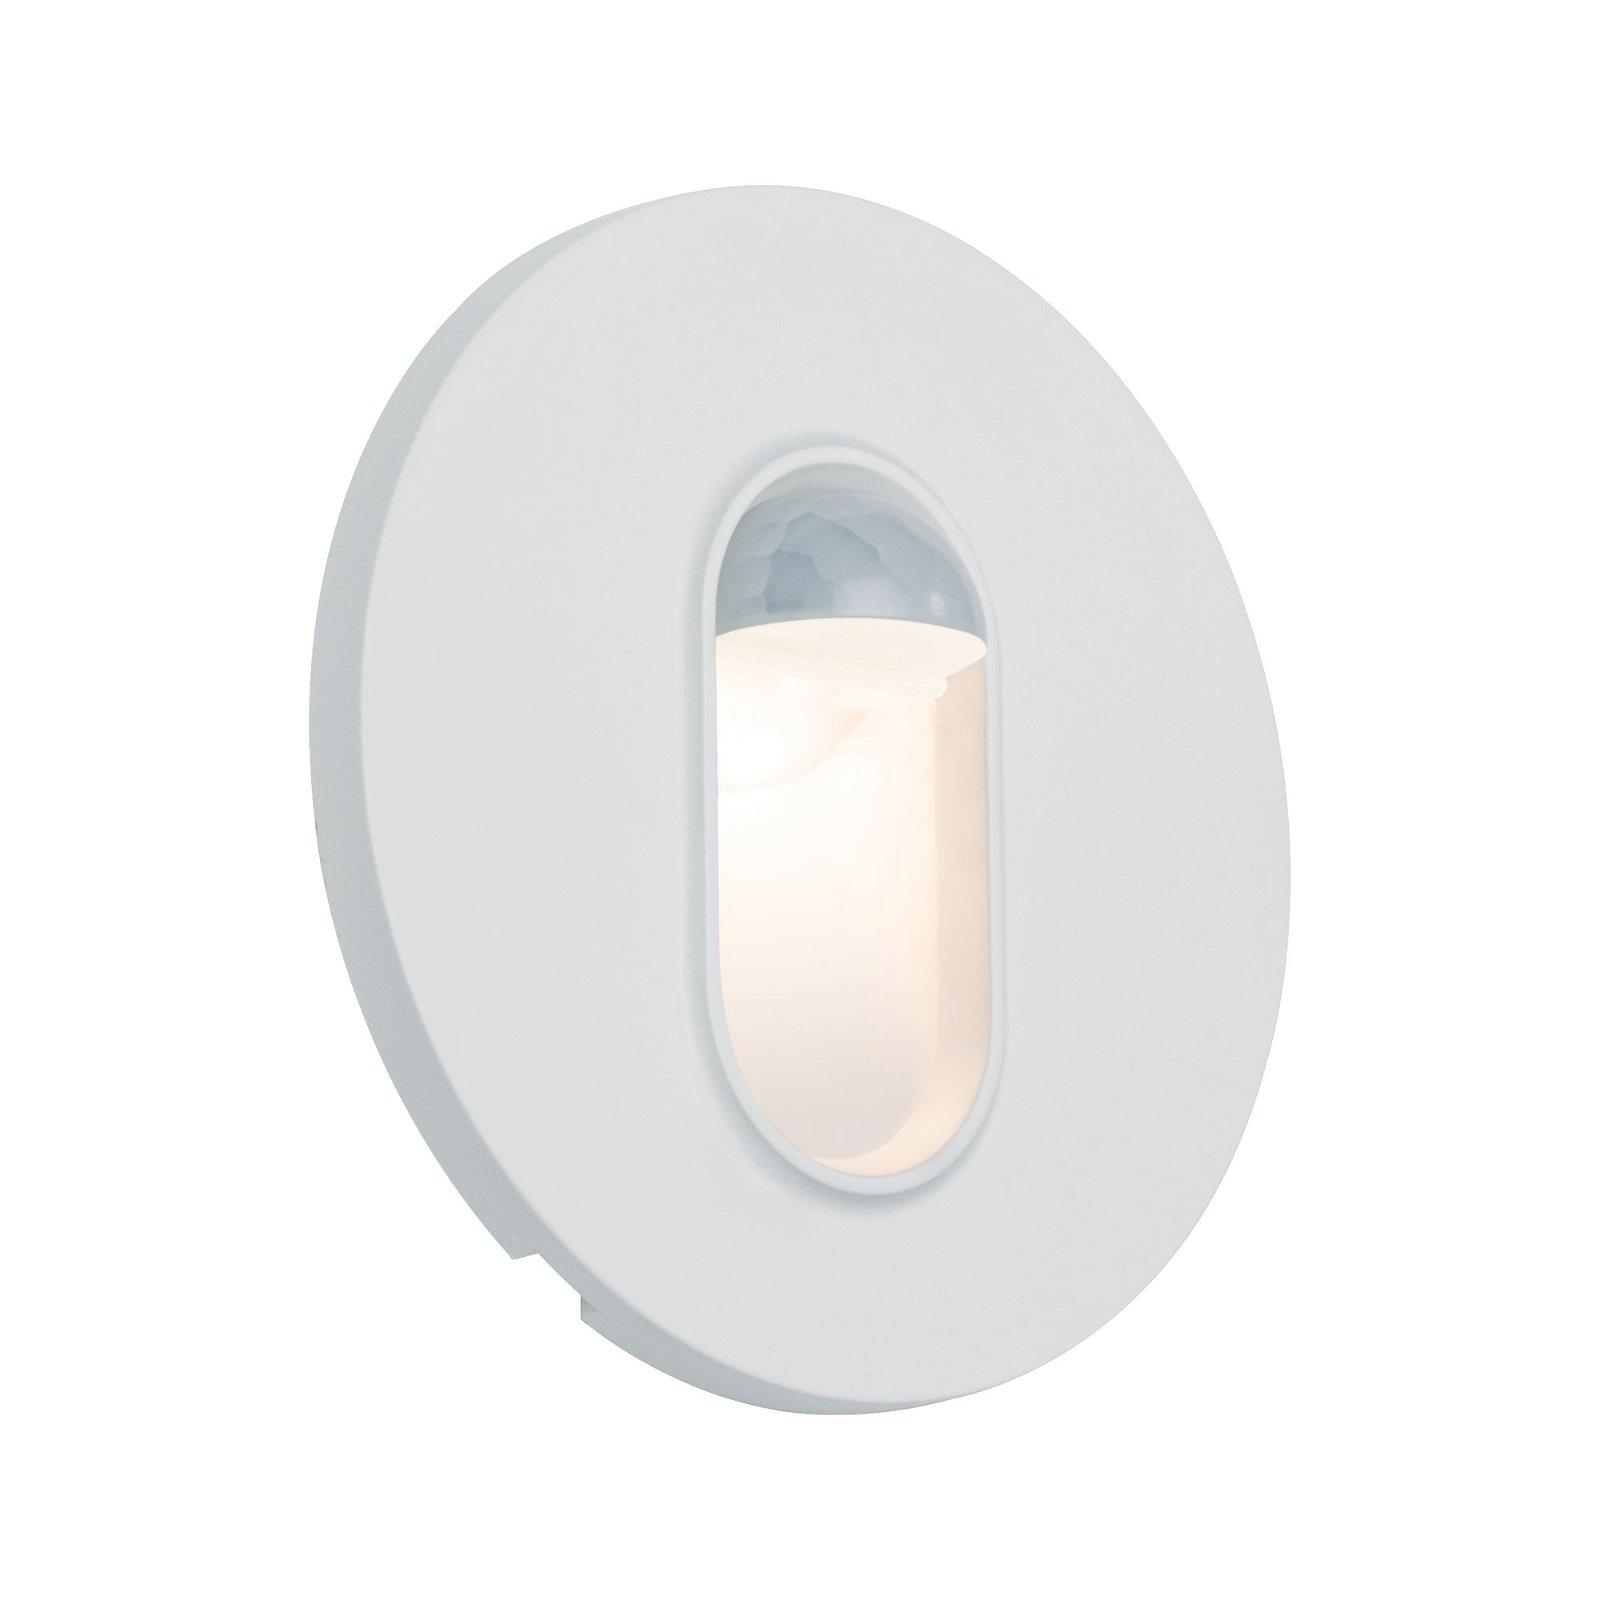 LED Wandeinbauleuchte Wall rund 78mm 2,7W 100lm 230V 2700K Weiß